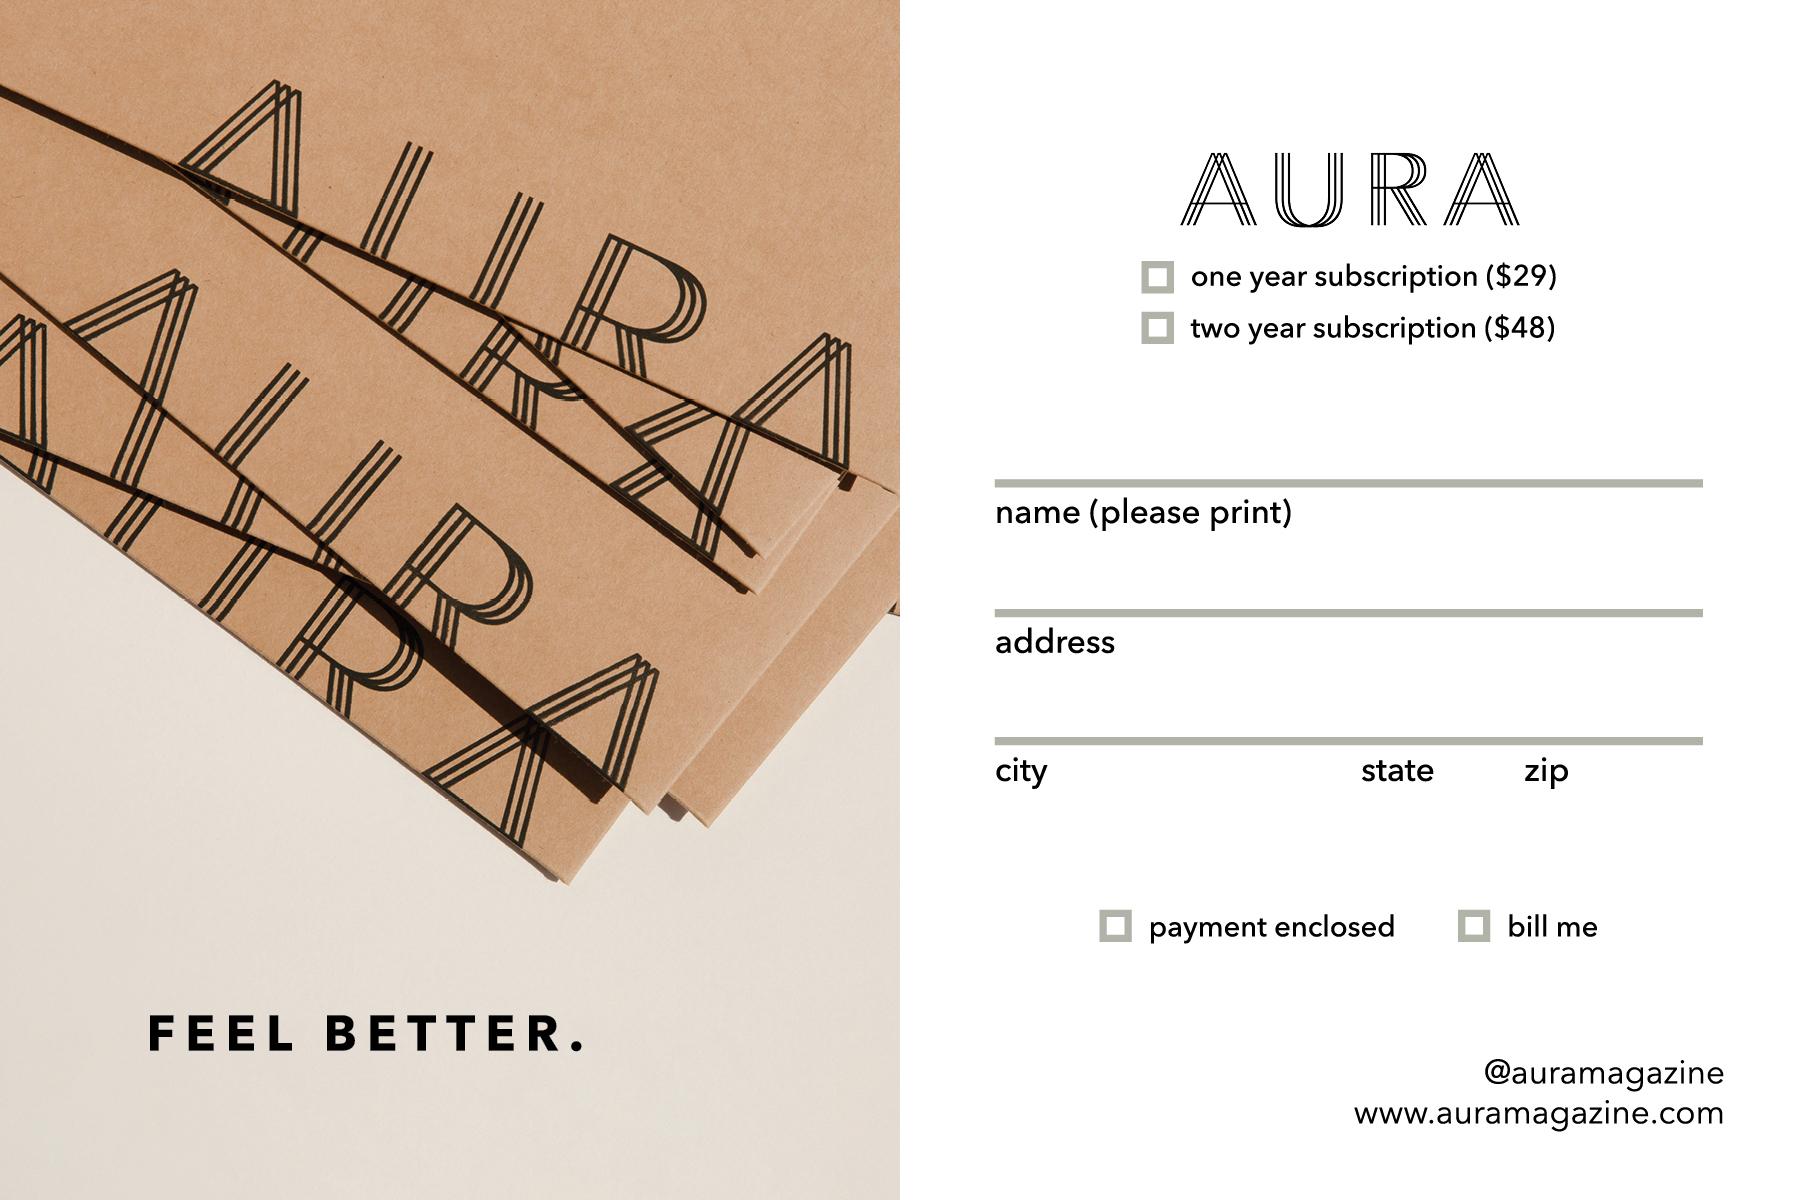 Aura Subscription Card 2.jpg